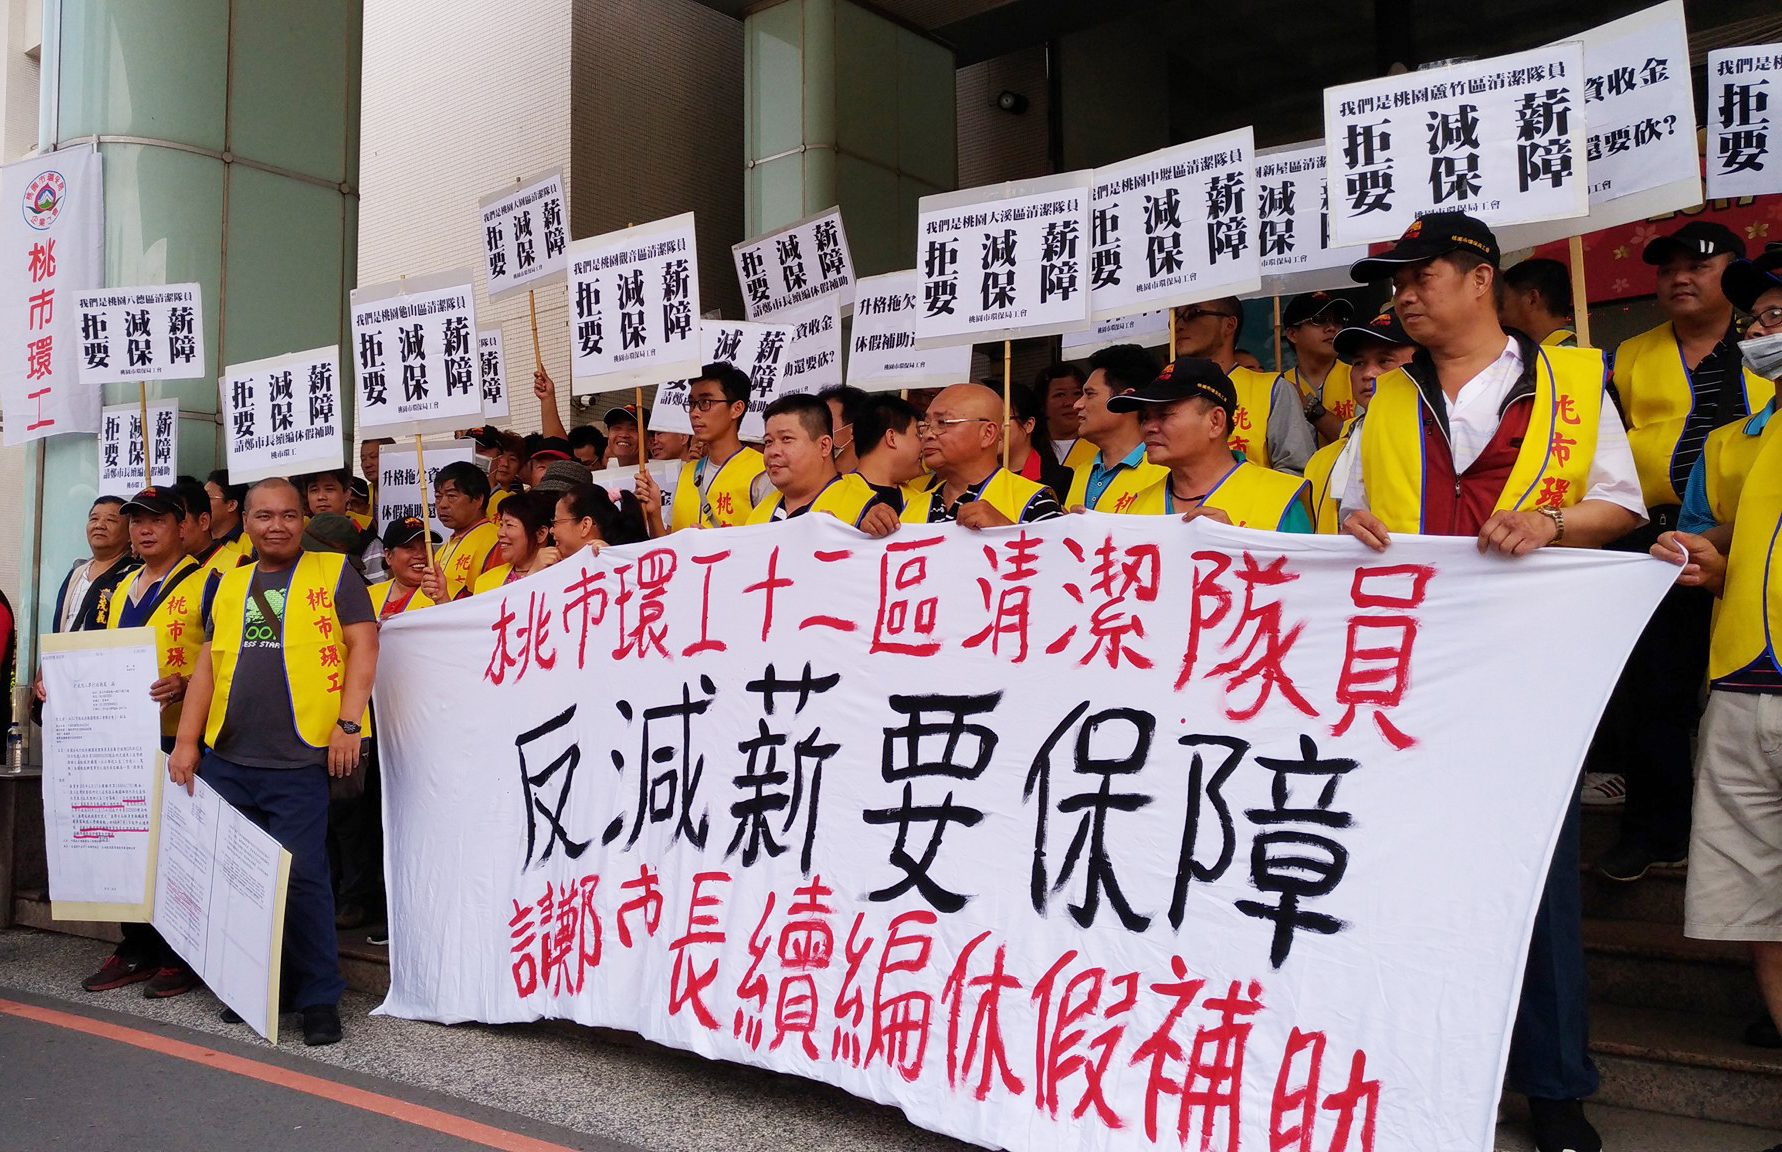 清潔隊員工會上午在桃市府前抗議。(照片提供:吳繼興)